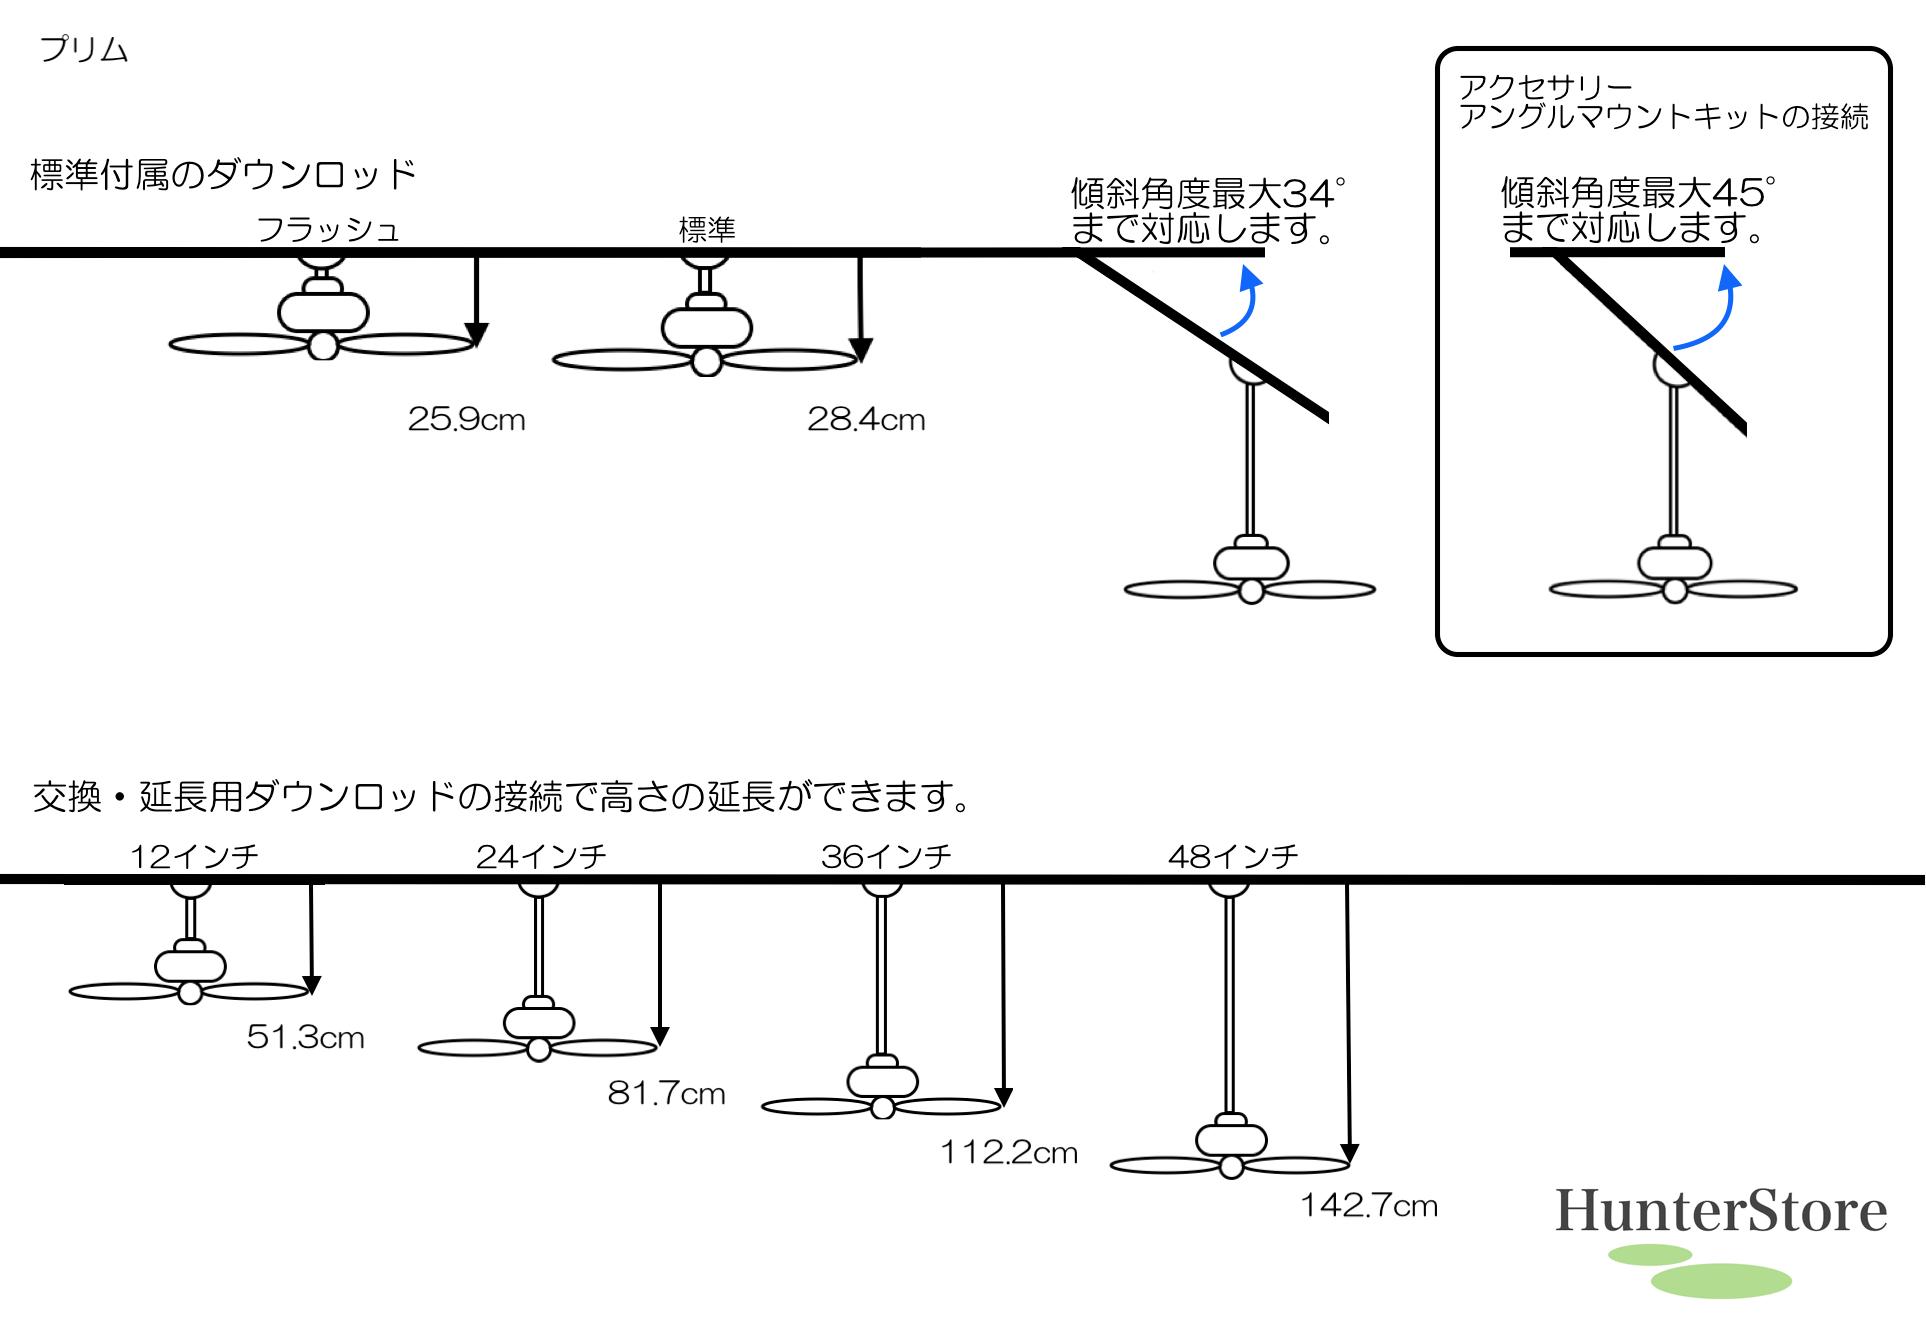 プリム 照明キット無【壁コントローラ・12㌅31cmダウンロッド付】 - 画像2